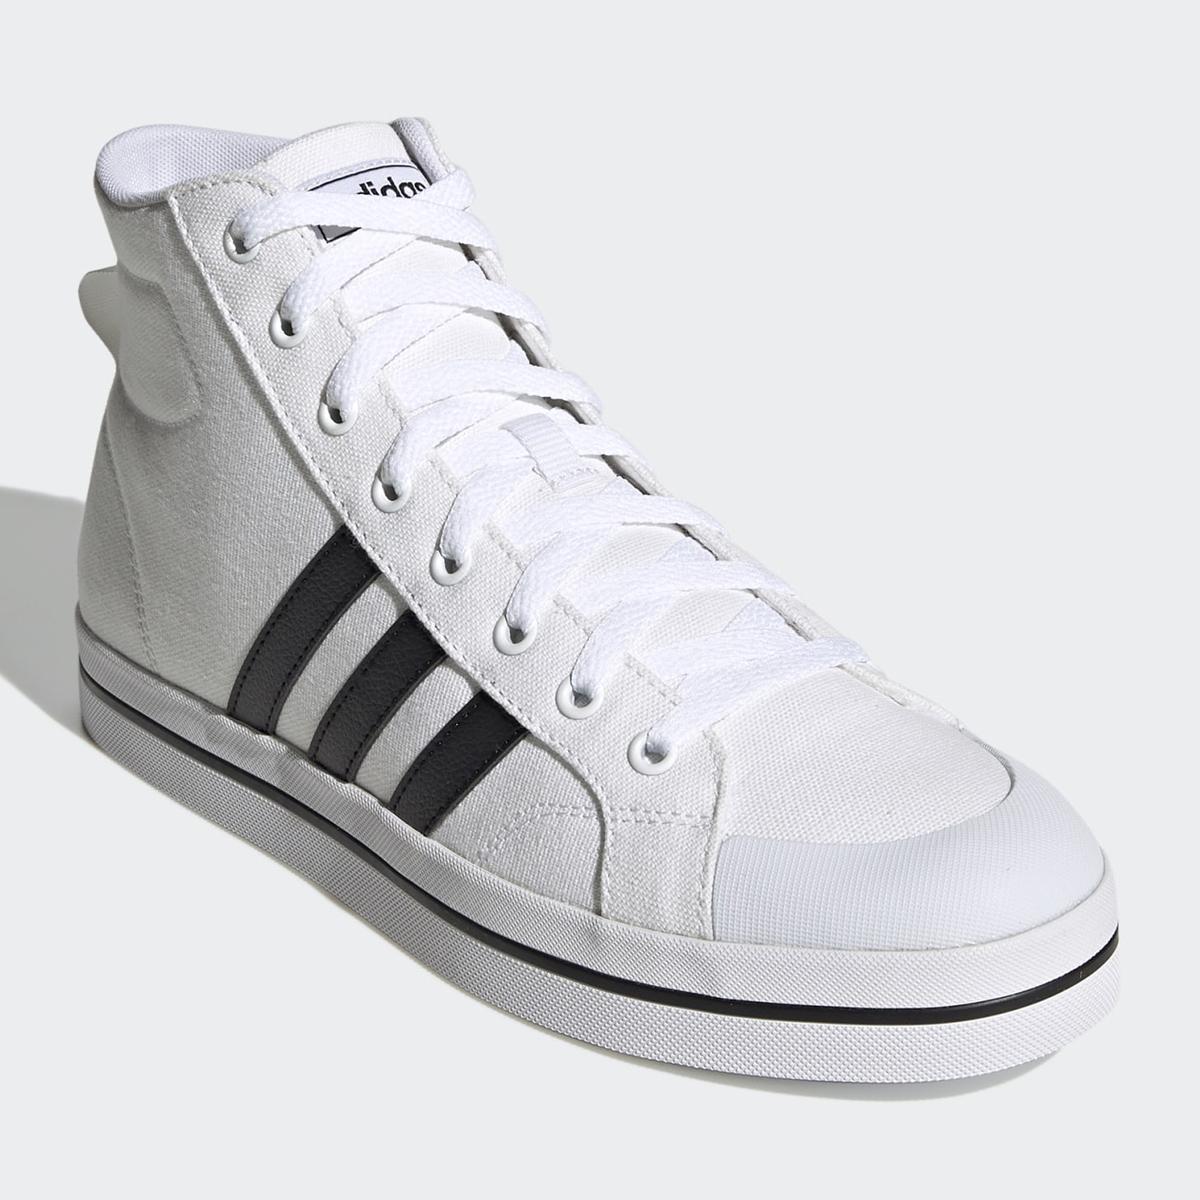 adidas Sneaker Bravada Mid in weiß/schwarz (Gr. 39 1/3 - 37 1/3)